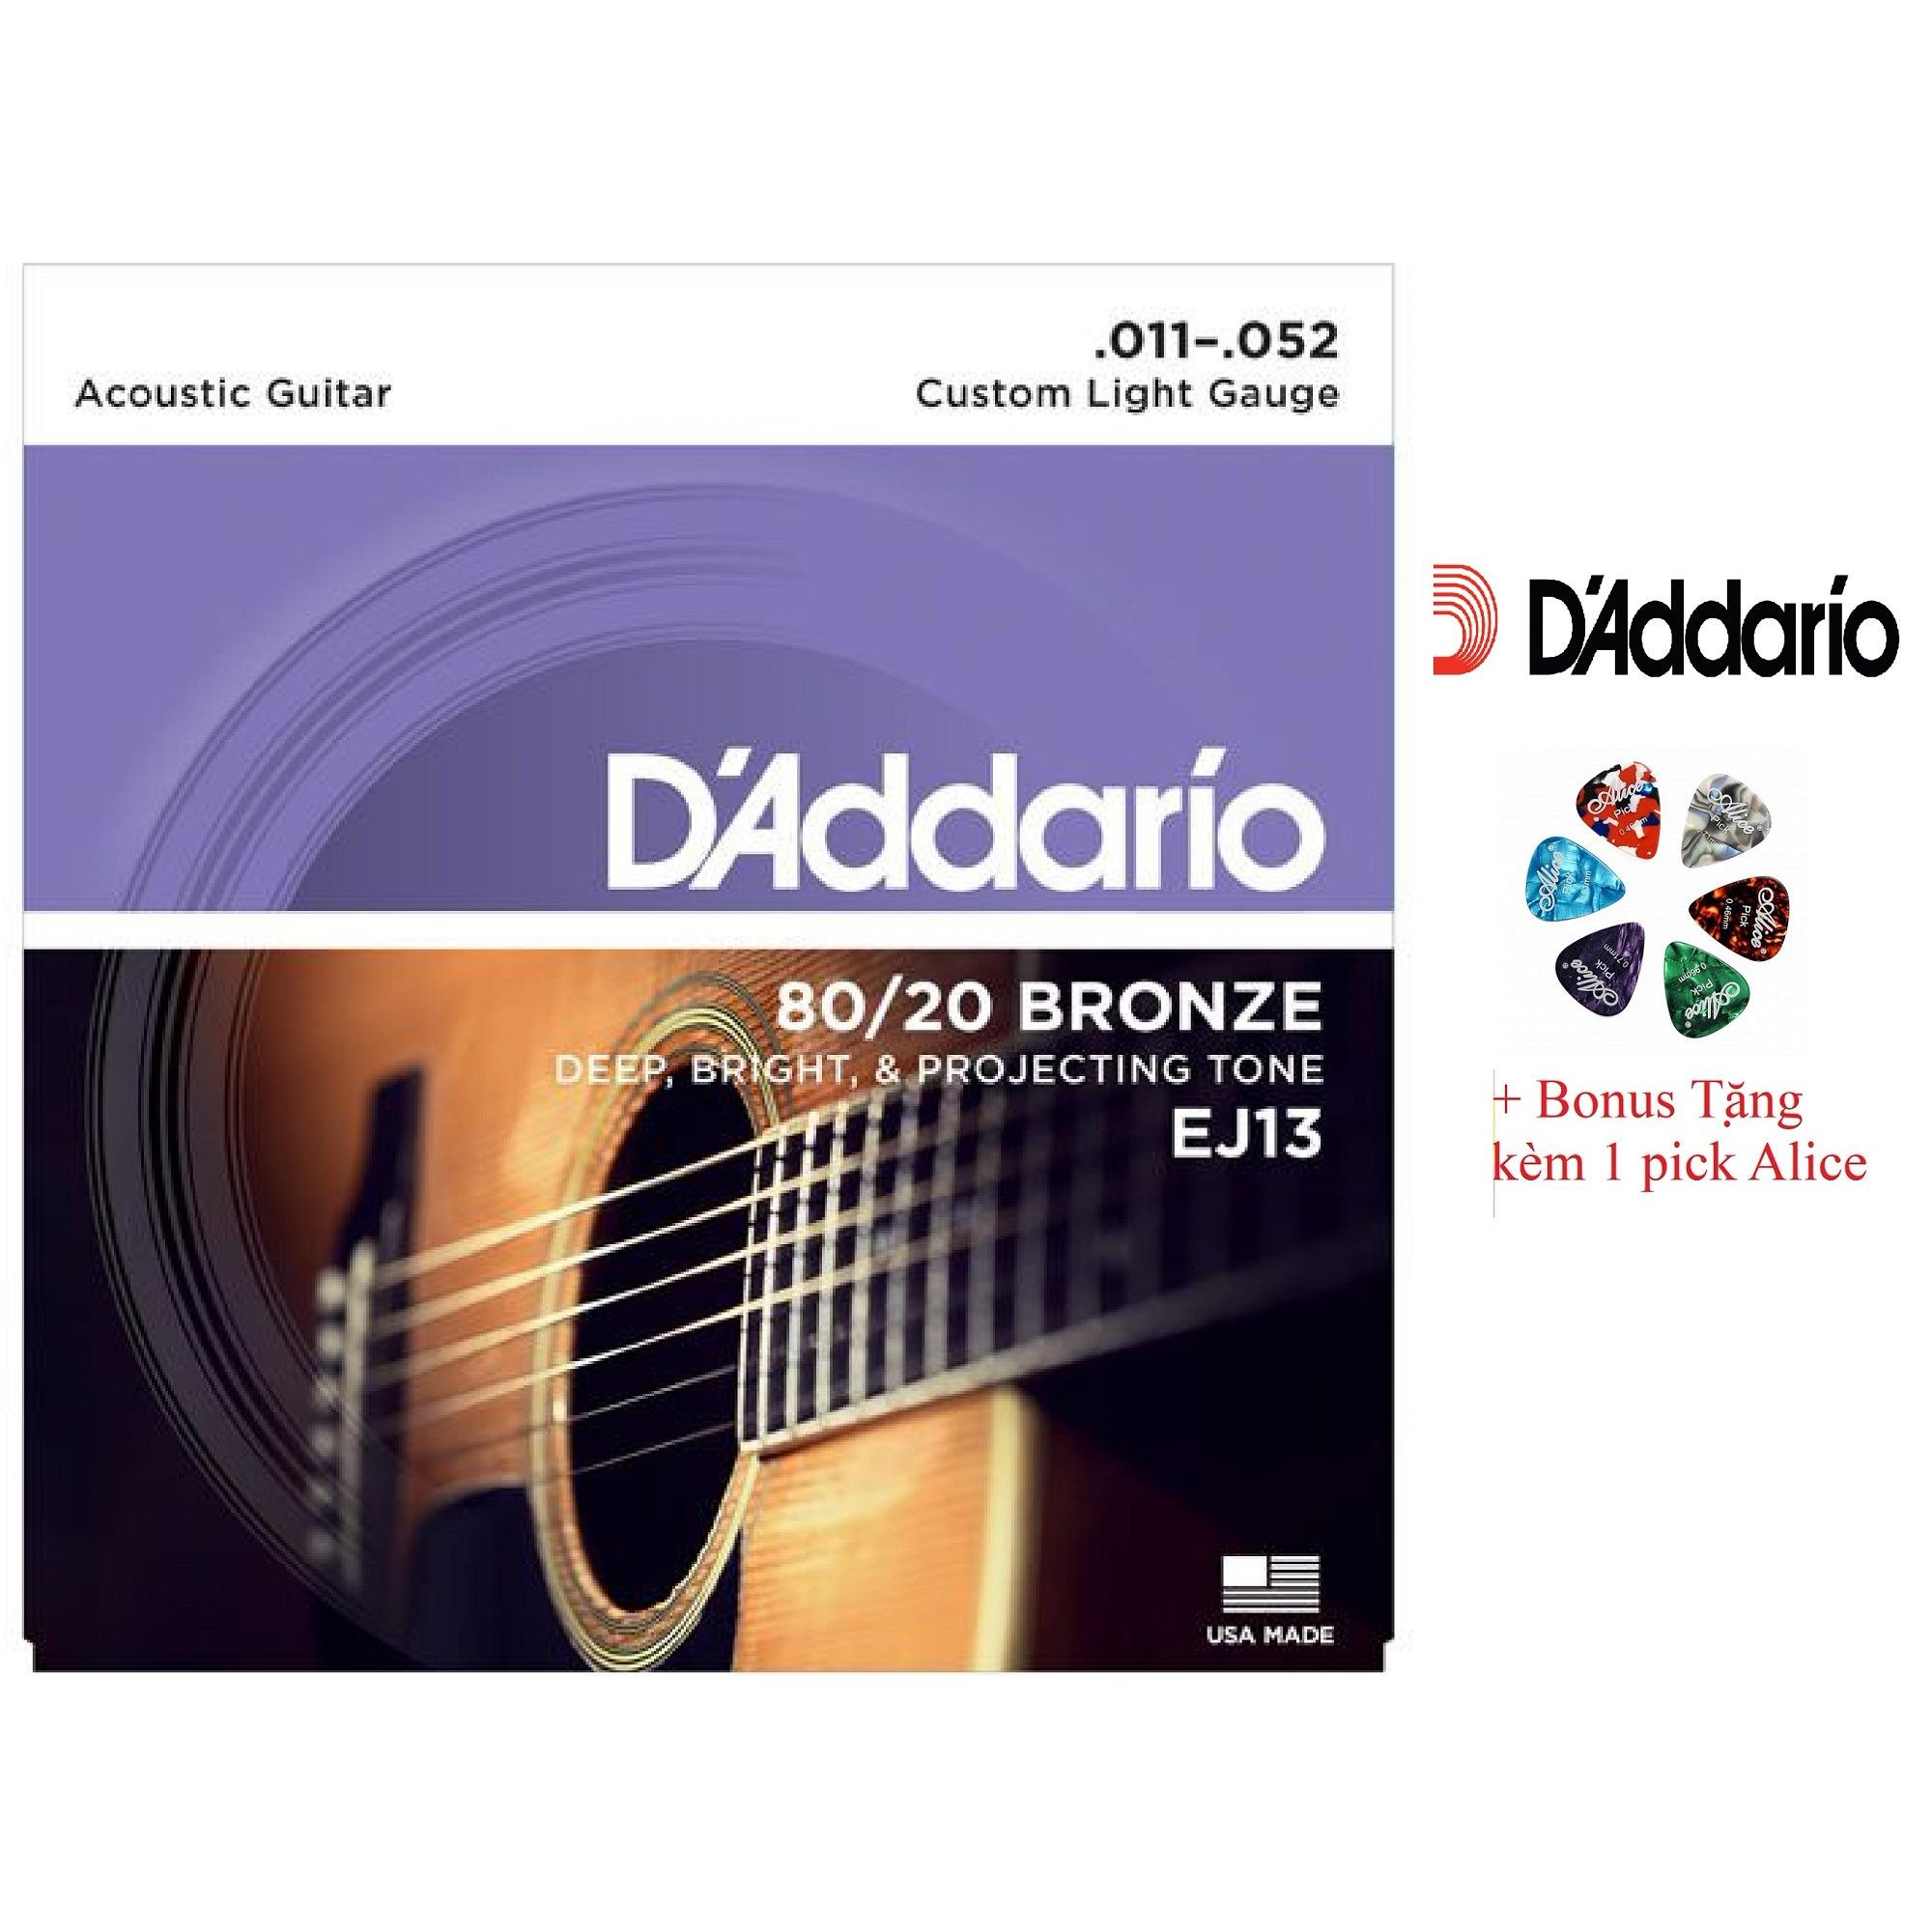 Bán Bộ Hộp 6 Day Đan Guitar Acoustic D Addario Ej13 Cao Cấp Pick Alice Cỡ 11 D Addadrio Có Thương Hiệu